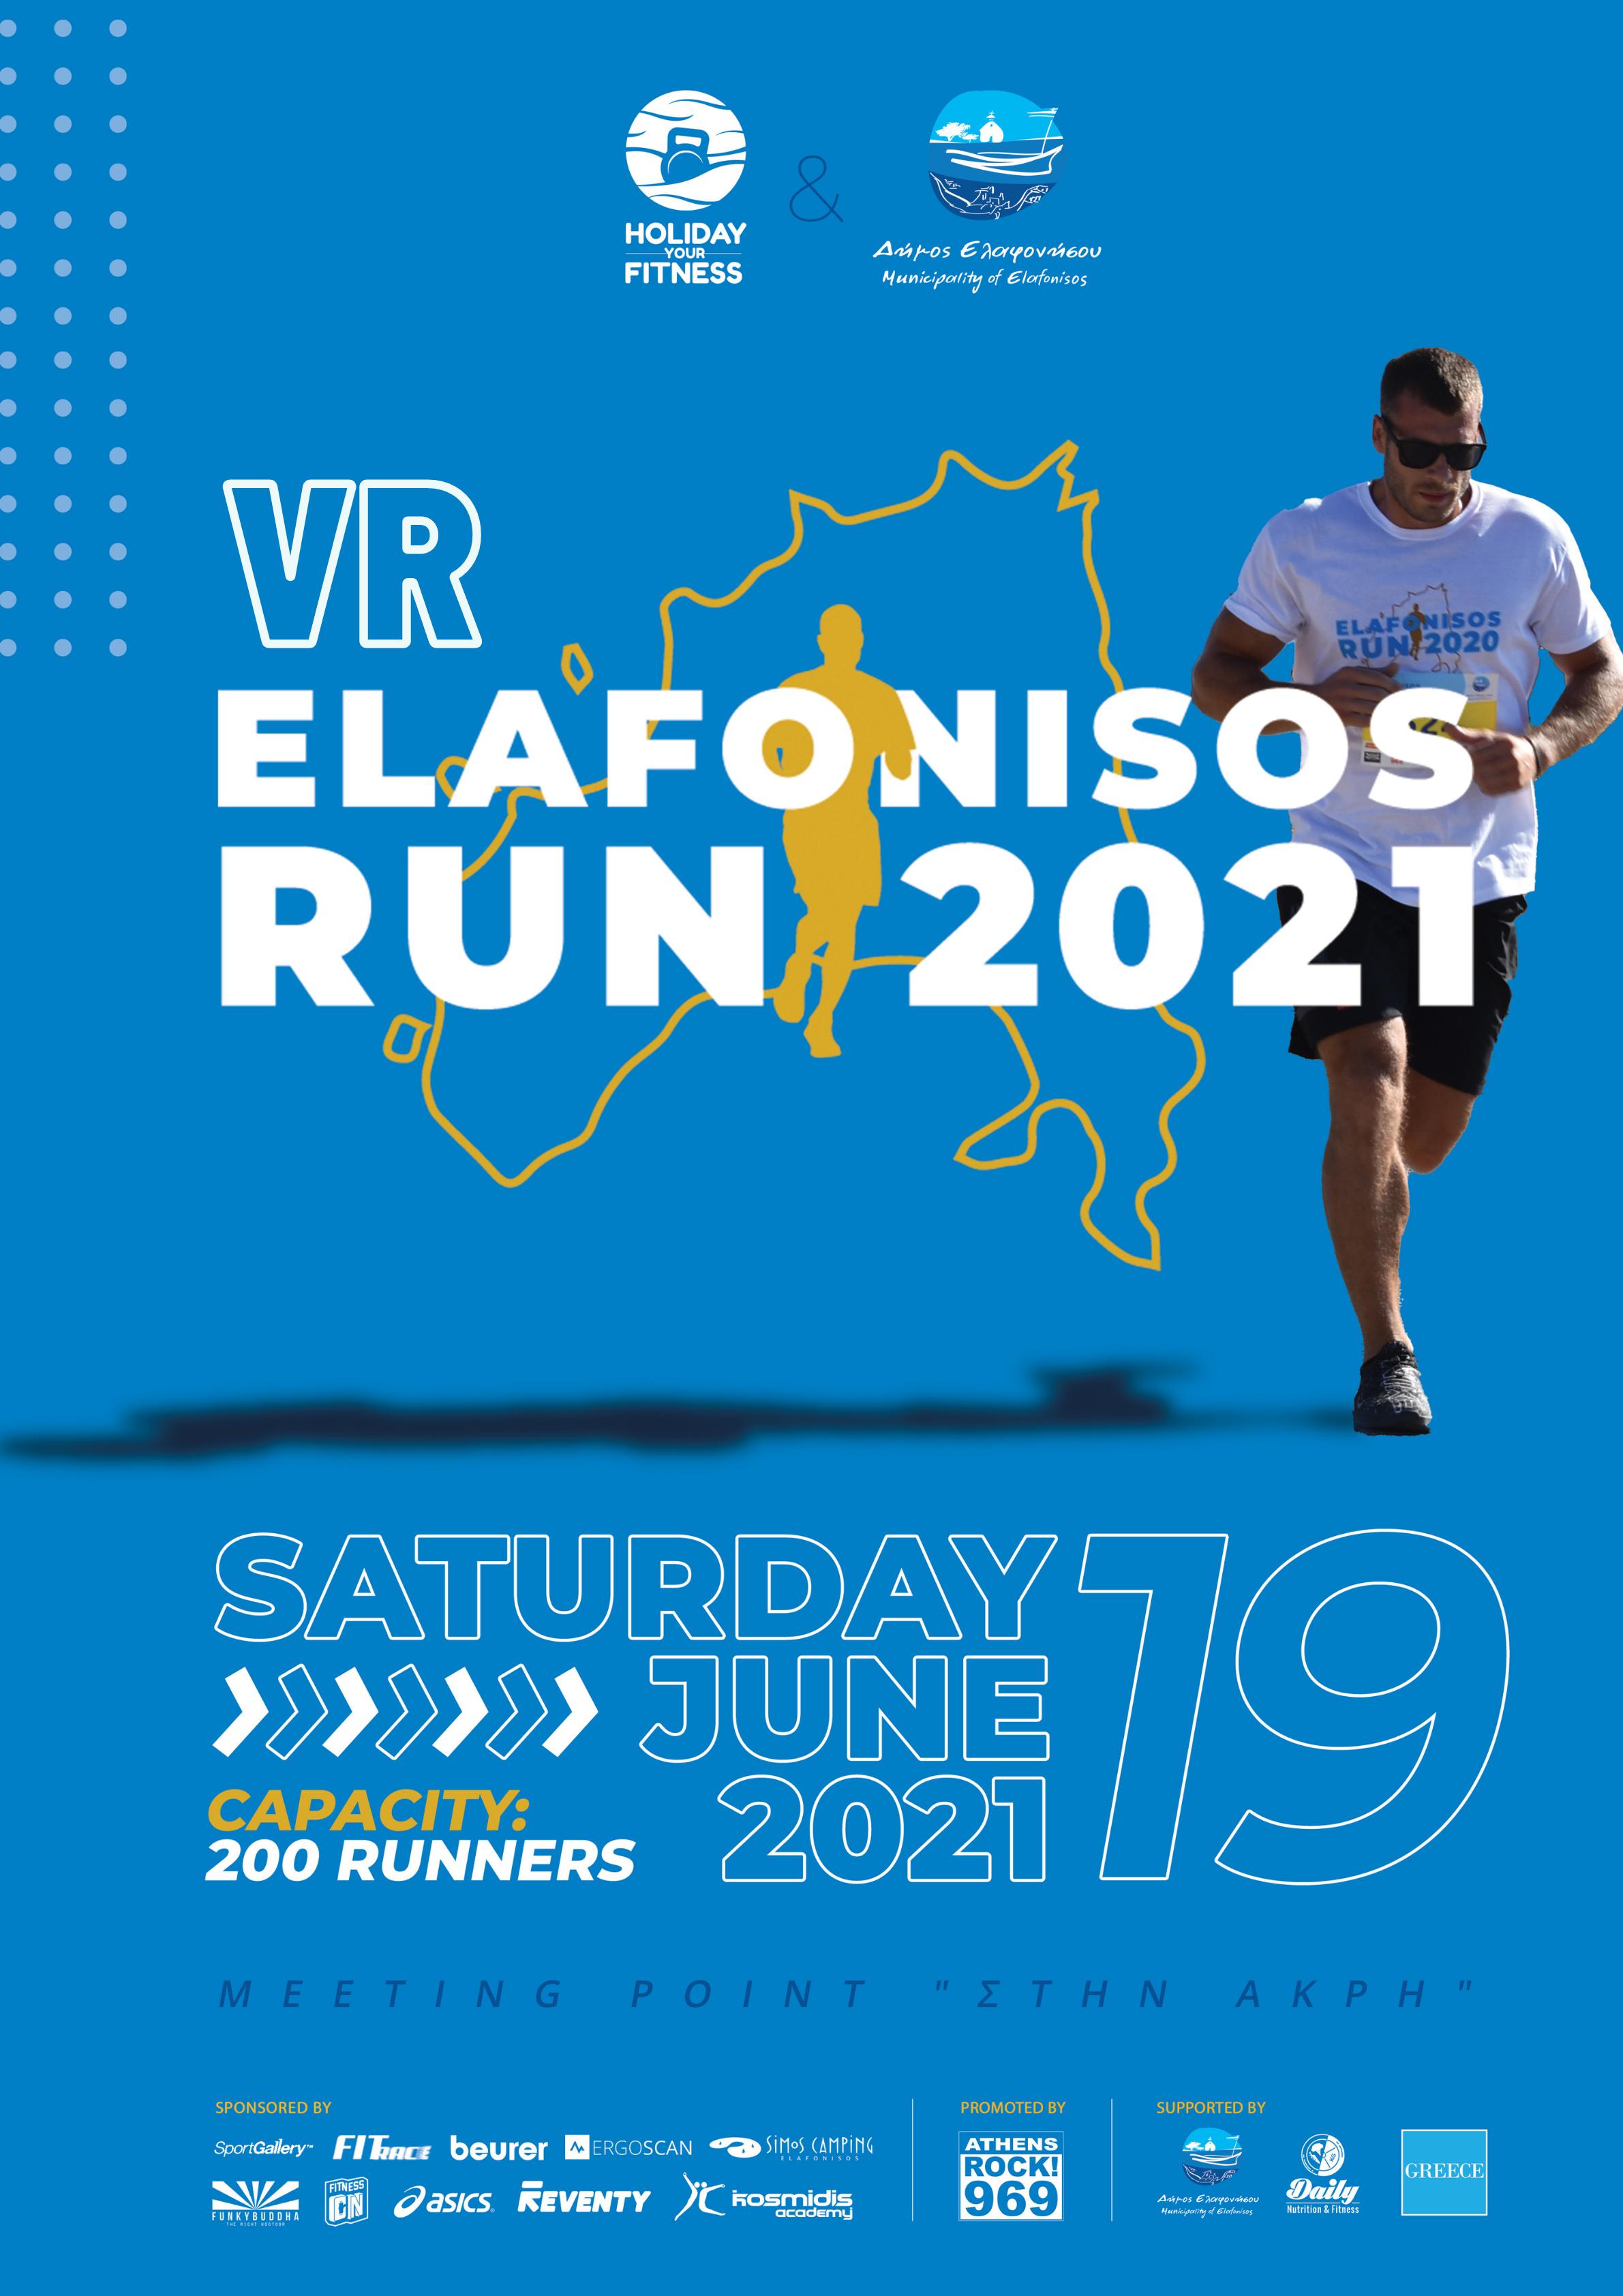 Elafonisos Run 2021 VR